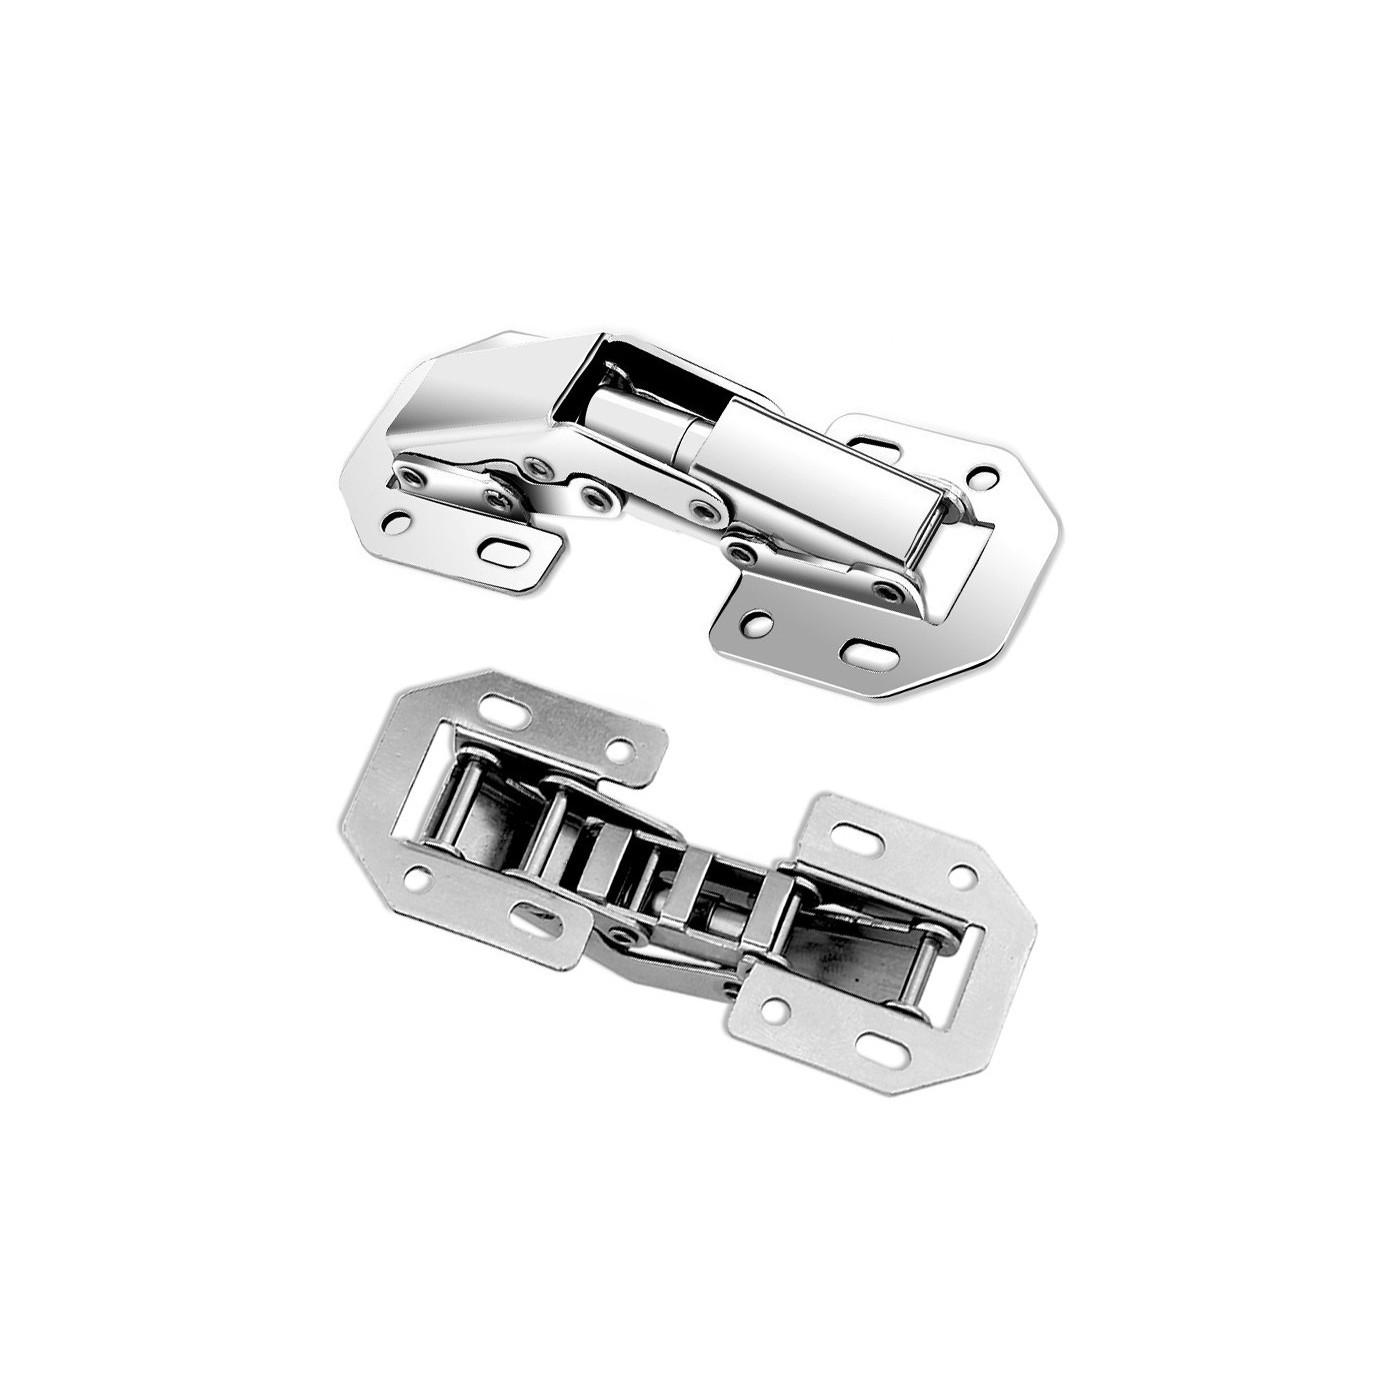 Set di 16 cerniere per mobili in metallo (misura 2: 115 mm)  - 1